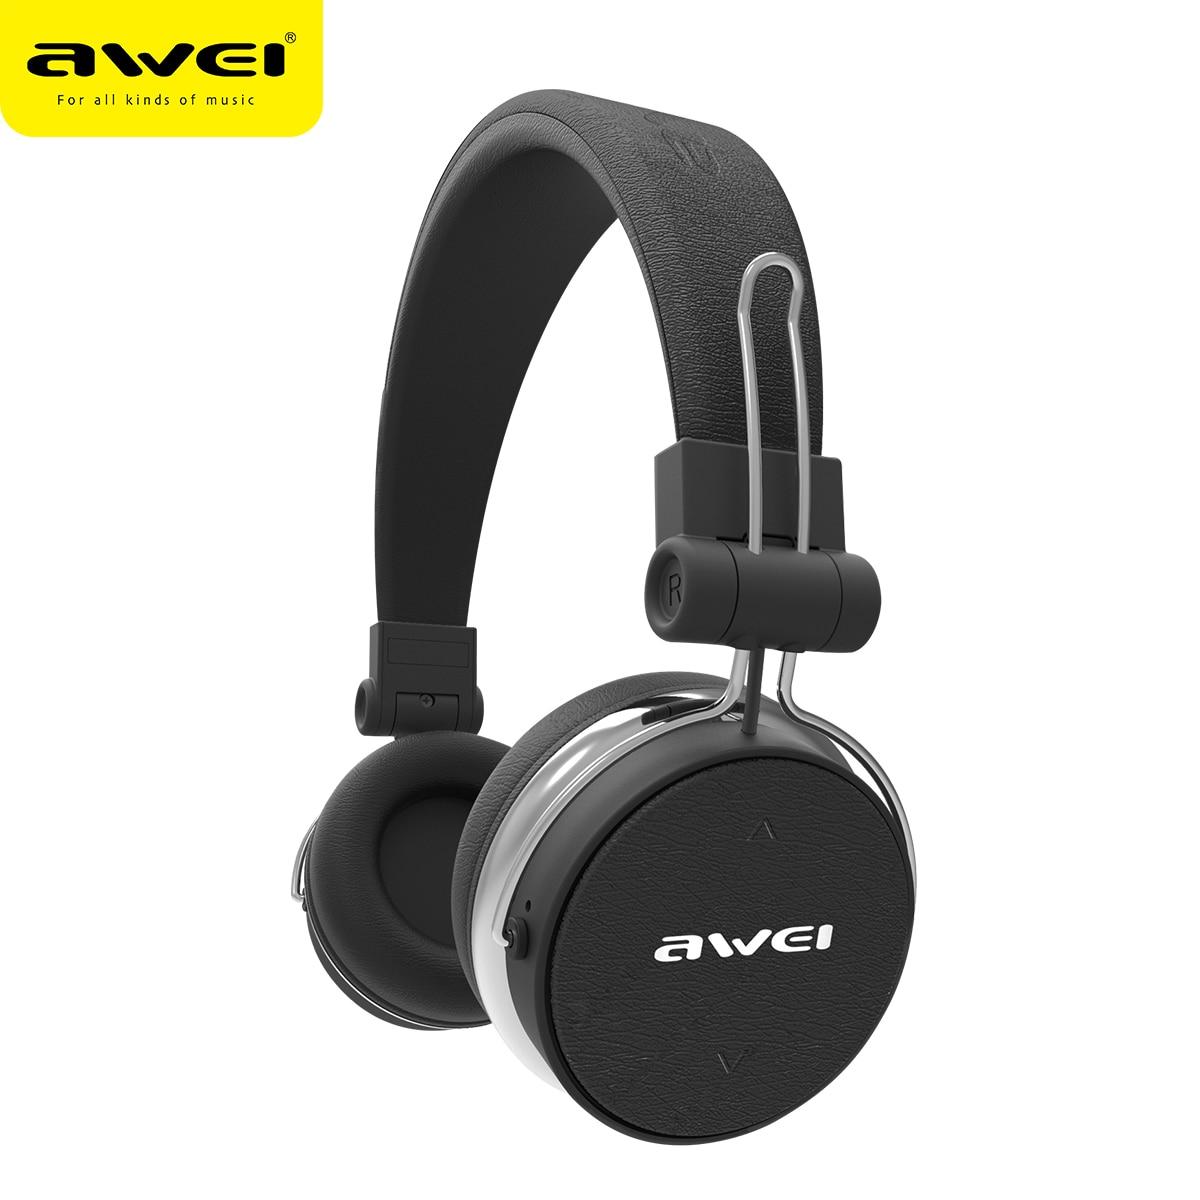 AWEI A700BL Bluetooth Cuffie Con Microfono Stereo Auricolare Senza Fili Auricolare Casco Auricolare Per Il Telefono e la Musica Audifonos